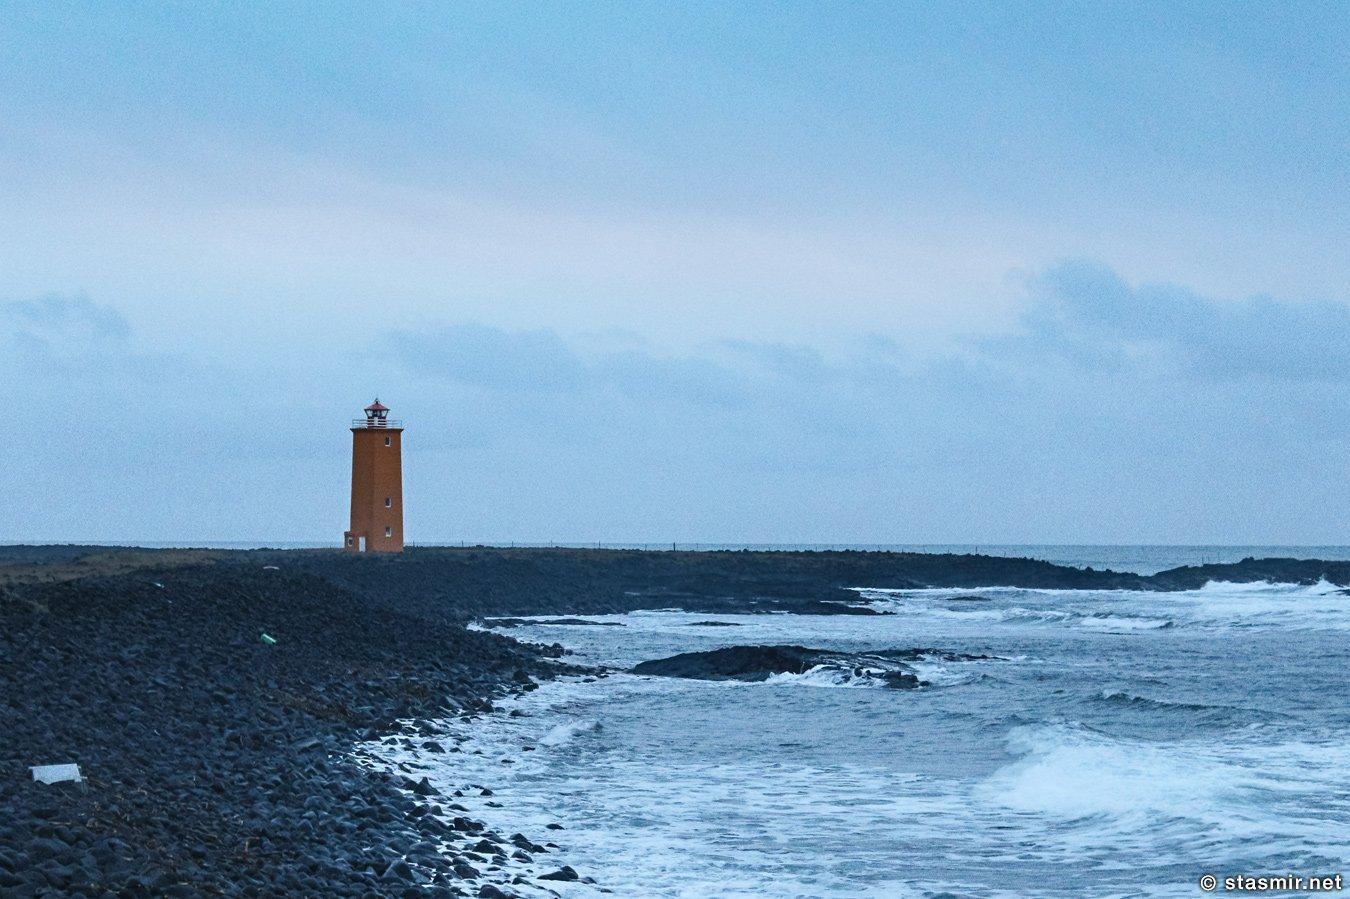 прибой и маяк на Selvogar, Южная Исландия, фото Стасмир, photo Stasmir